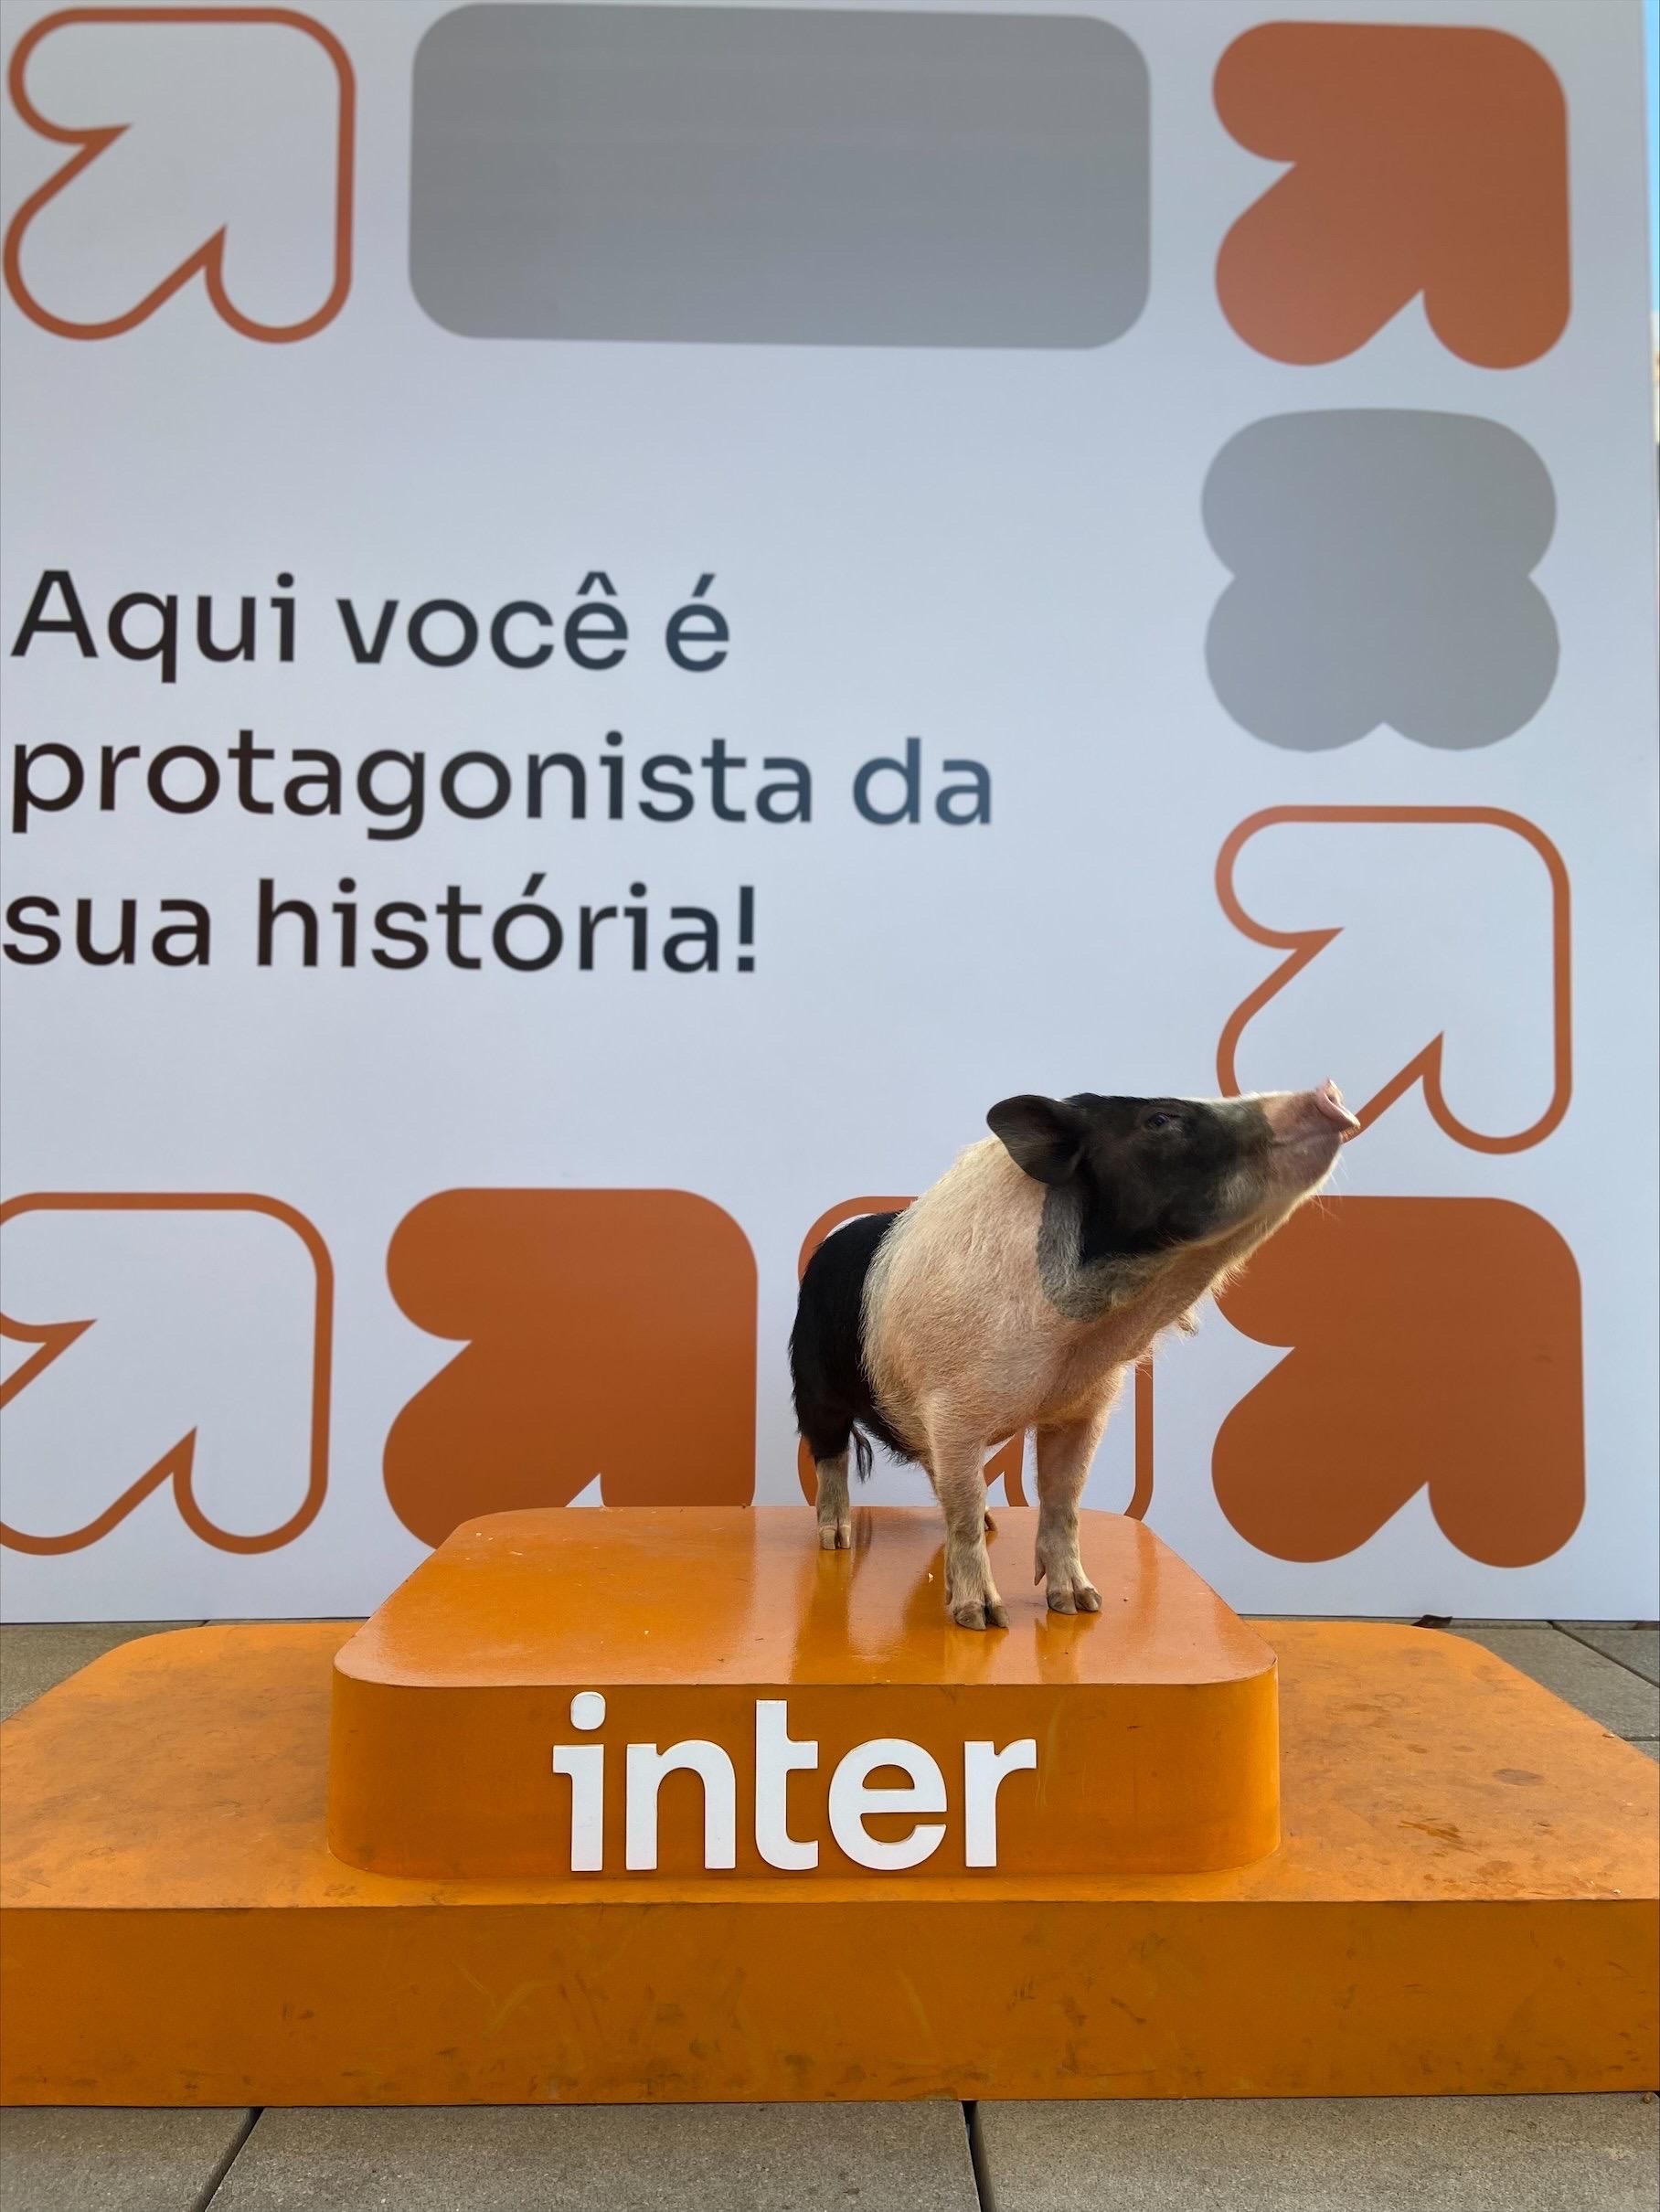 Foto mostra porquinho sobre um pedestal no primeiro plano com um background da semana de carreiras do Inter ao fundo.